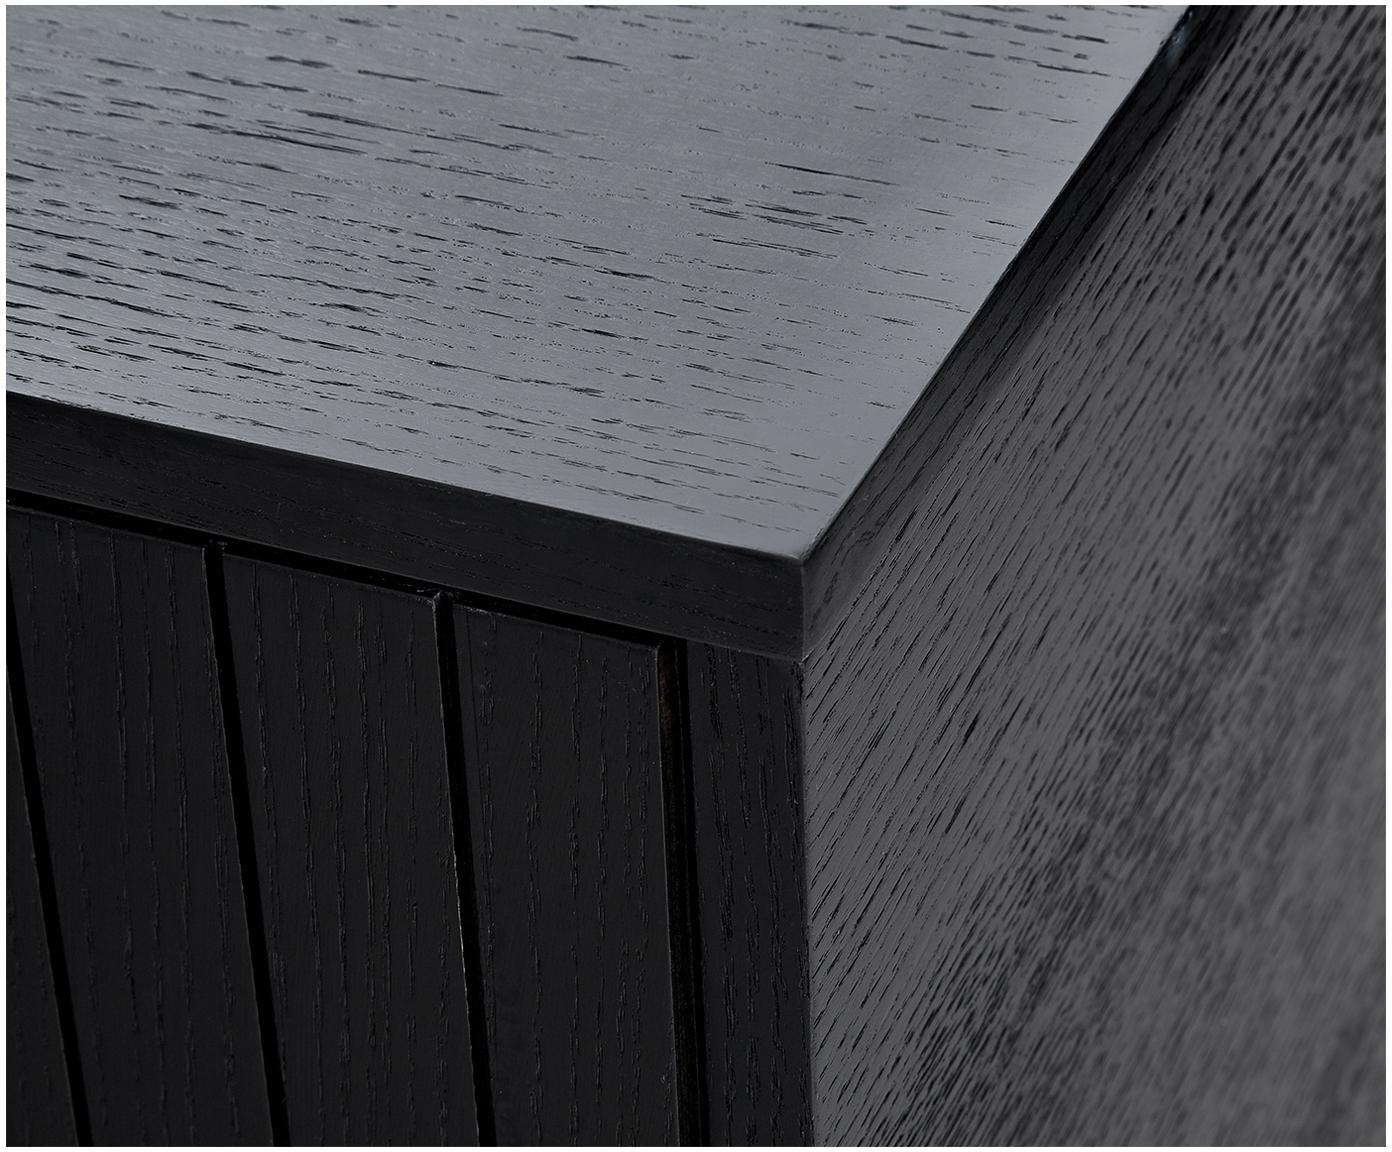 Komoda  modern Johan, Korpus: płyta pilśniowa średniej , Nogi: metal malowany proszkowo, Korpus: fornir z drewna dębowego, czarny lakierowany Nogi: czarny, matowy, S 160 x W 75 cm